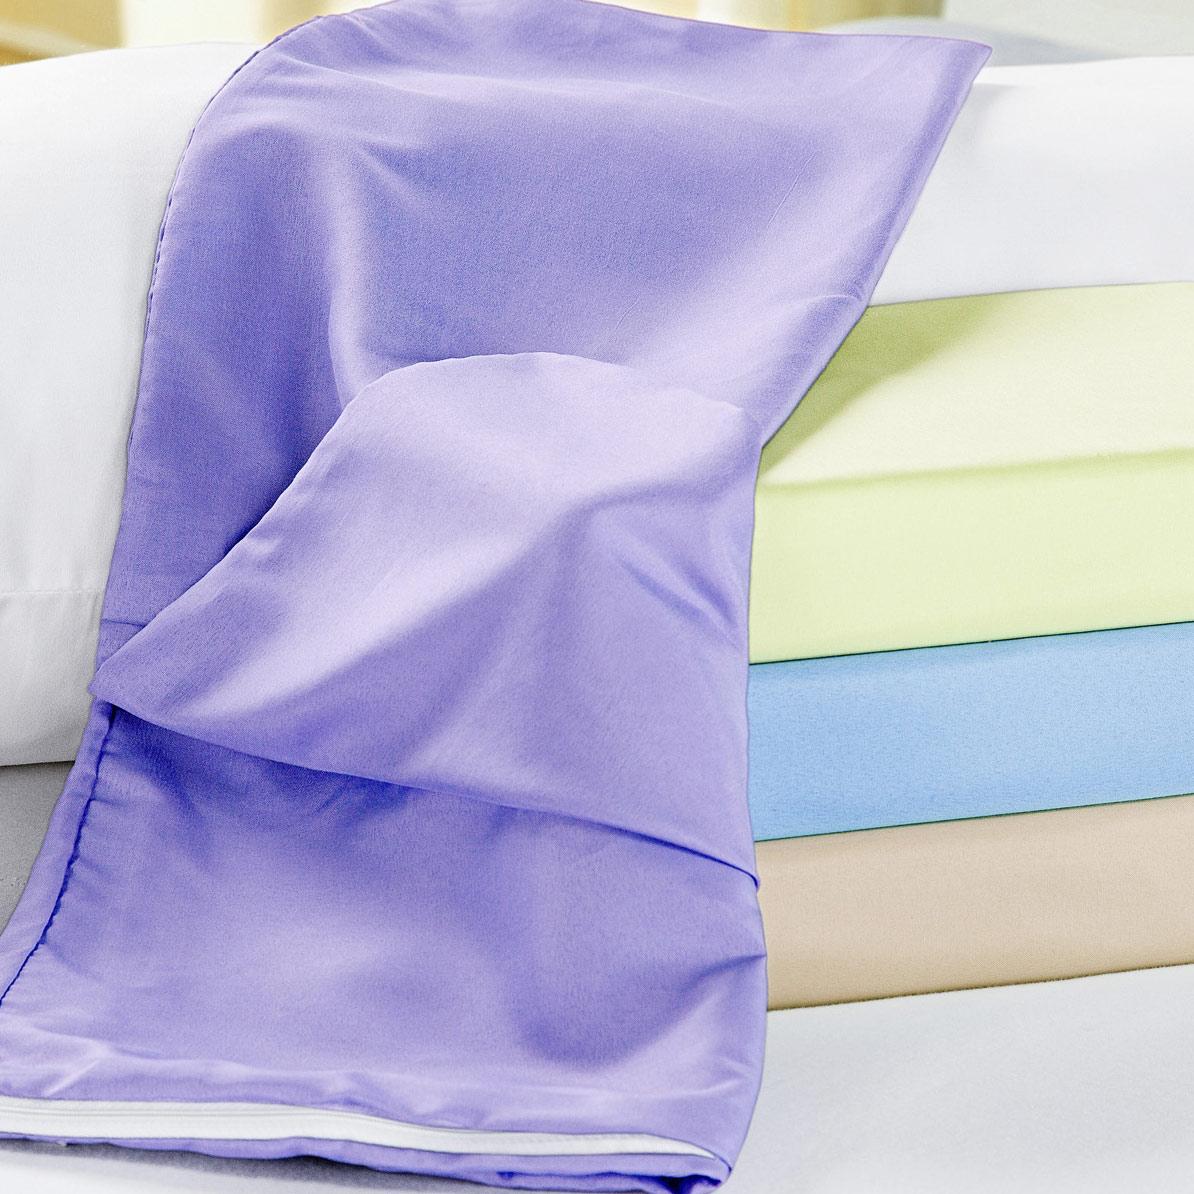 Capa de Travesseiro Grande com 1 peças tecido Poliester - Capa para Travesseiro Rafaela